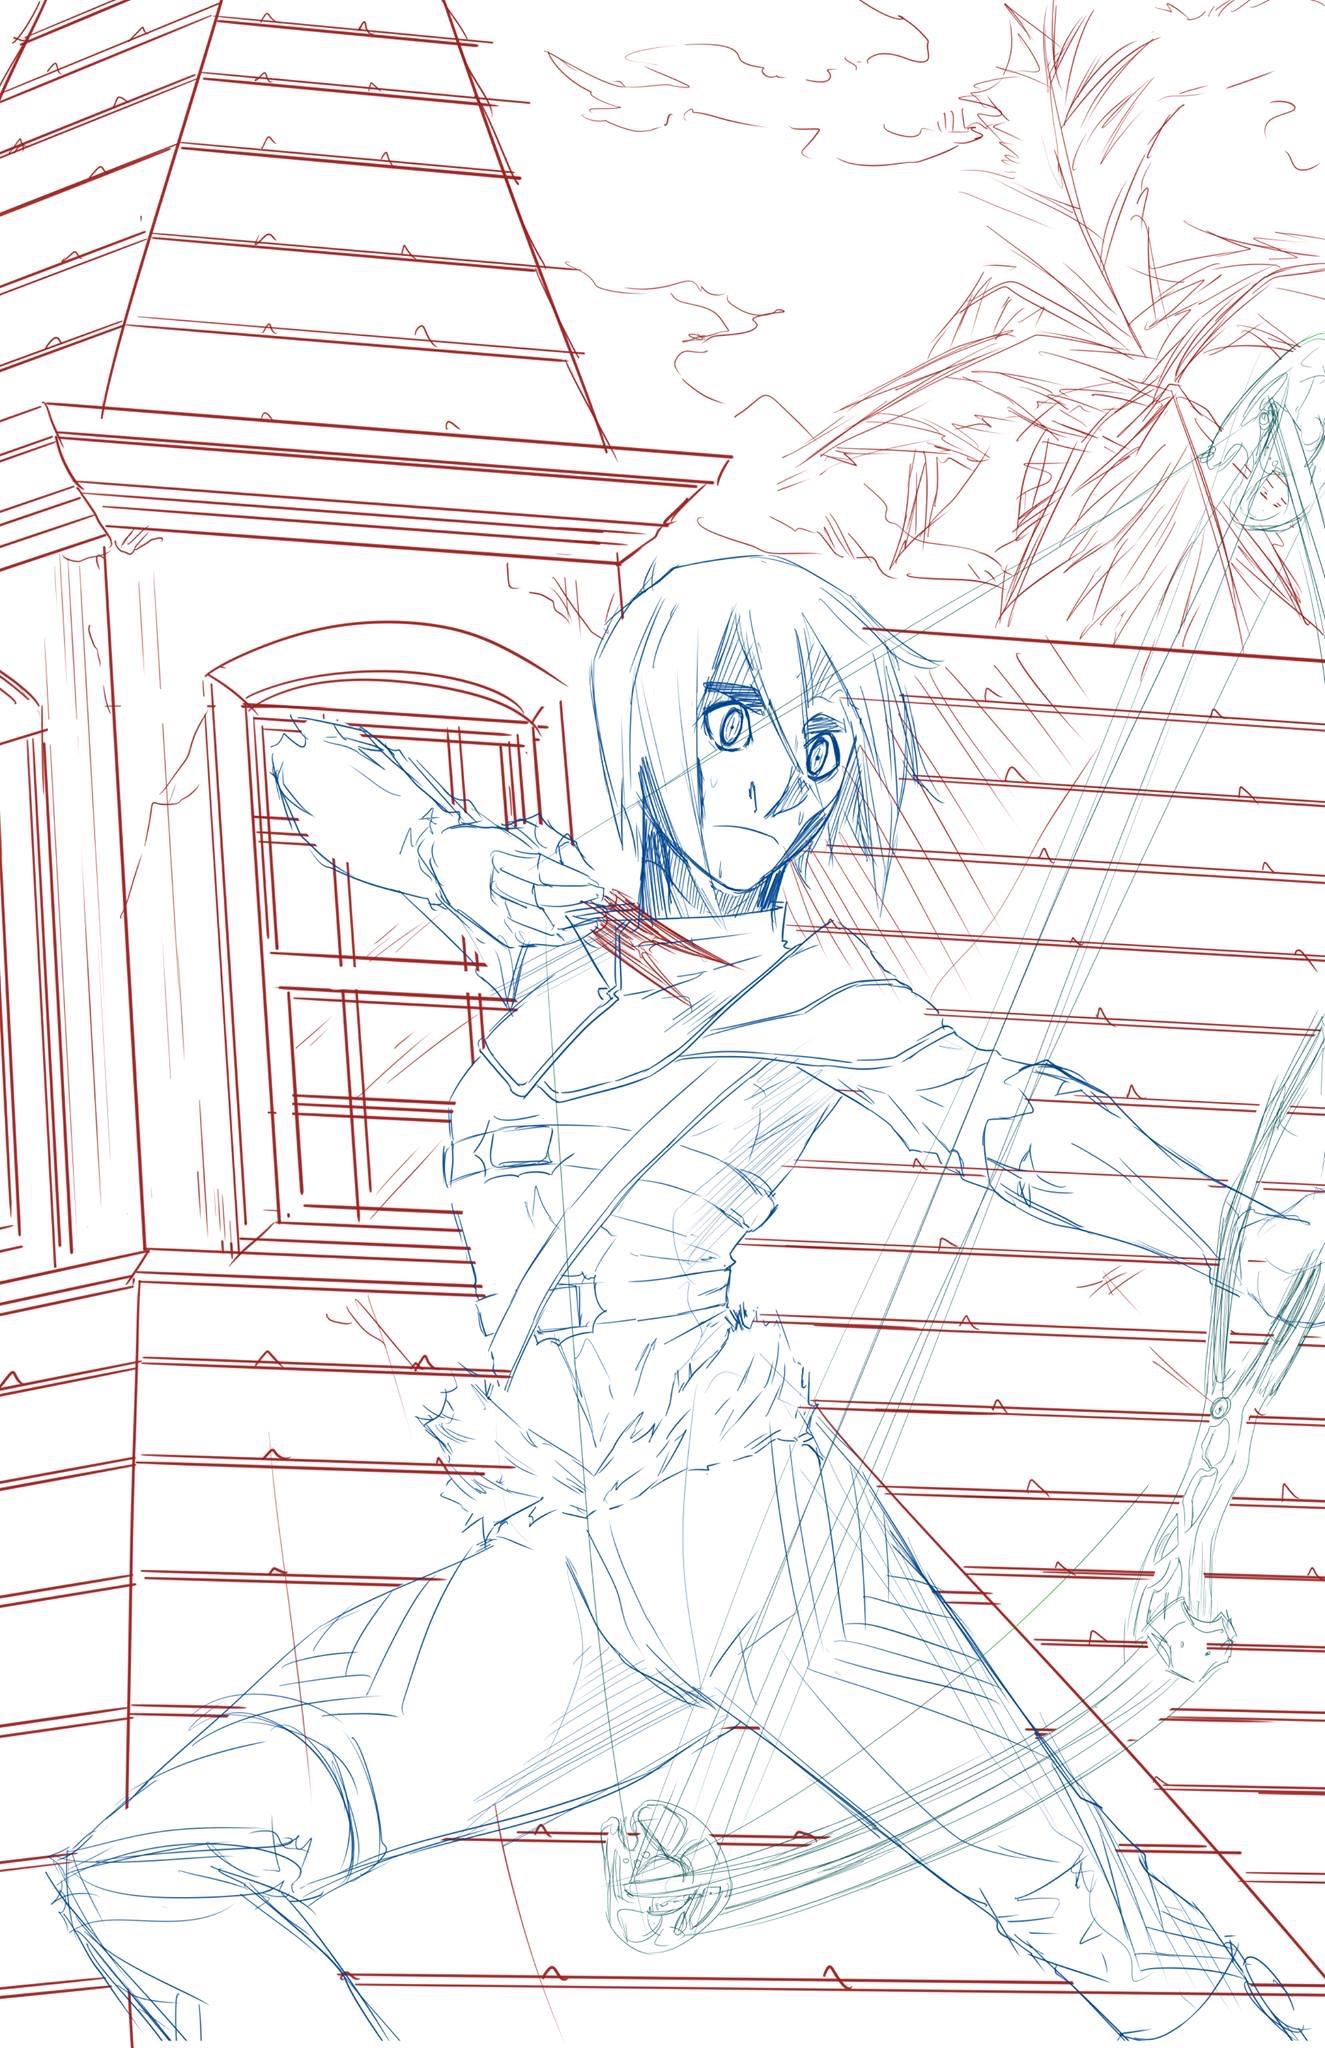 Mikola takes aim (sketch)